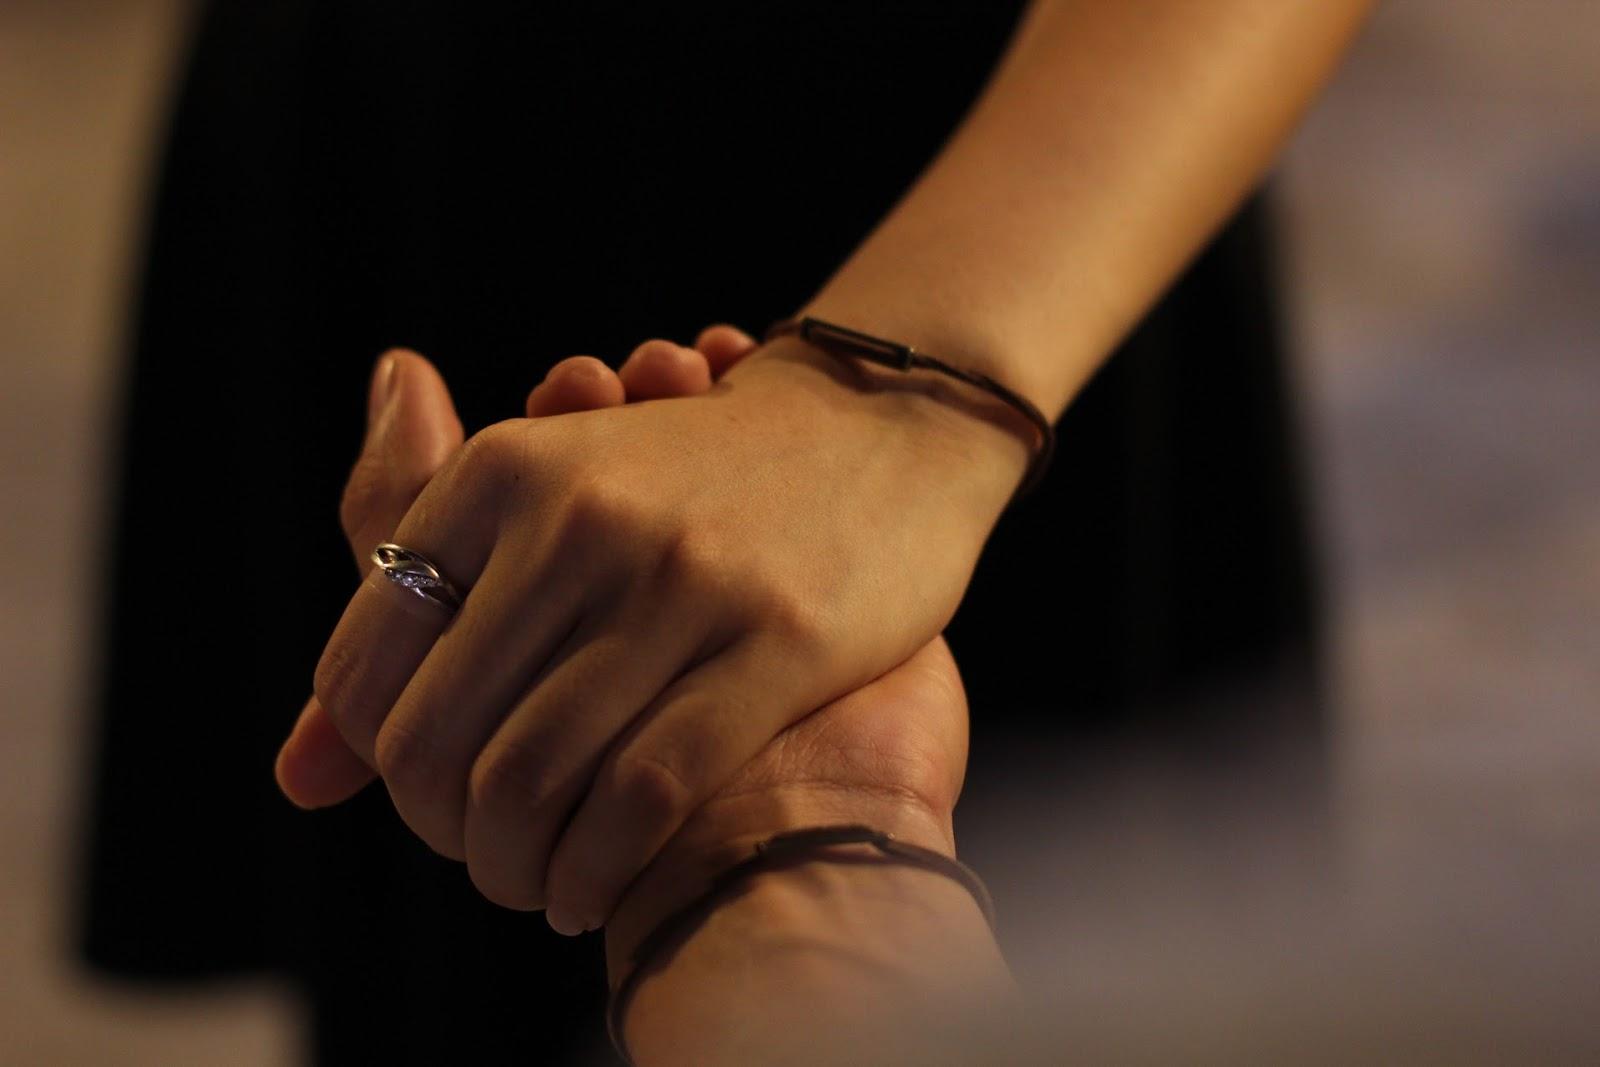 Hình ảnh nắm tay nam nữ tình cảm cực đẹp